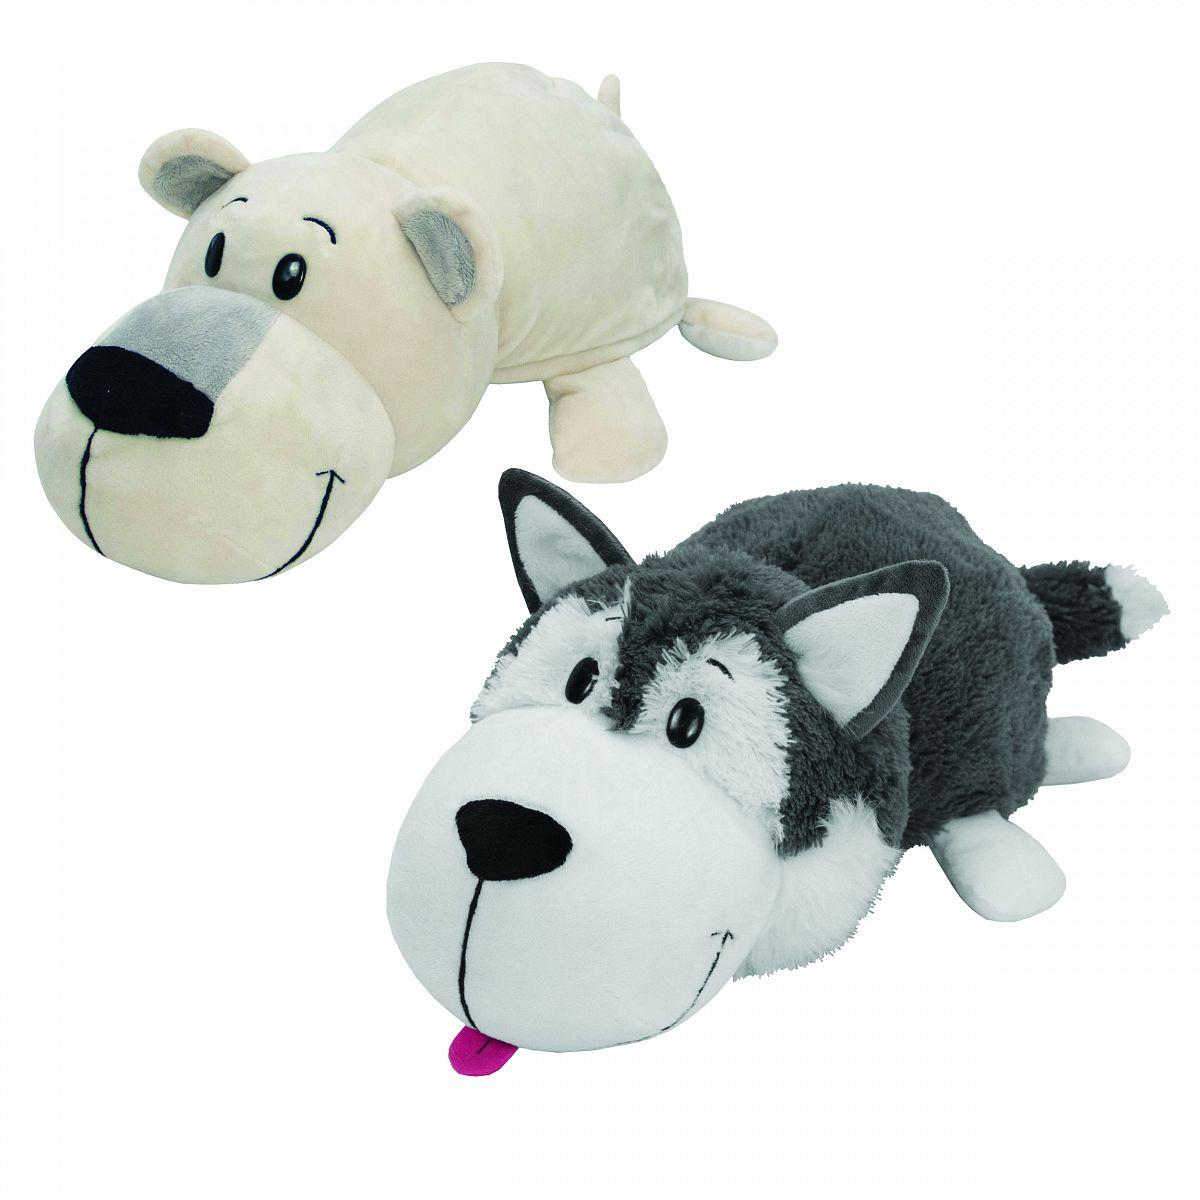 Мягкая игрушка 1Toy Вывернушка Хаски-Полярный медведь 40 см - купить ... 1d9196a8d91fb